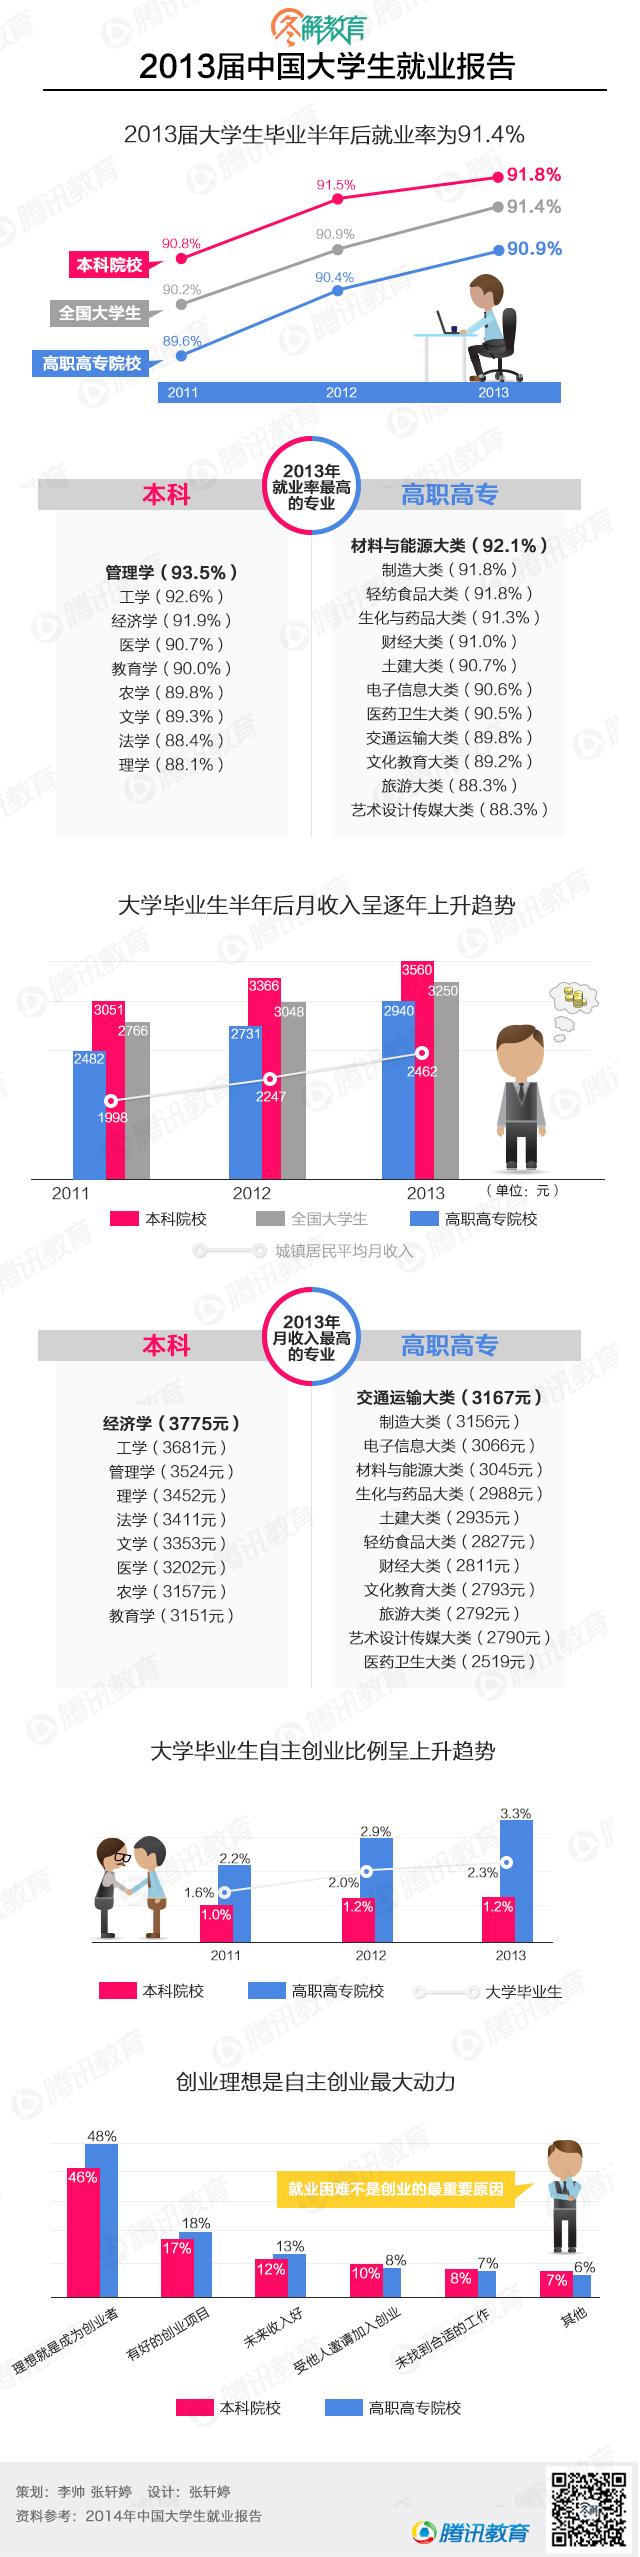 2013届中国大学生就业报告 - 林老师 - 林老师高中政治教学博客